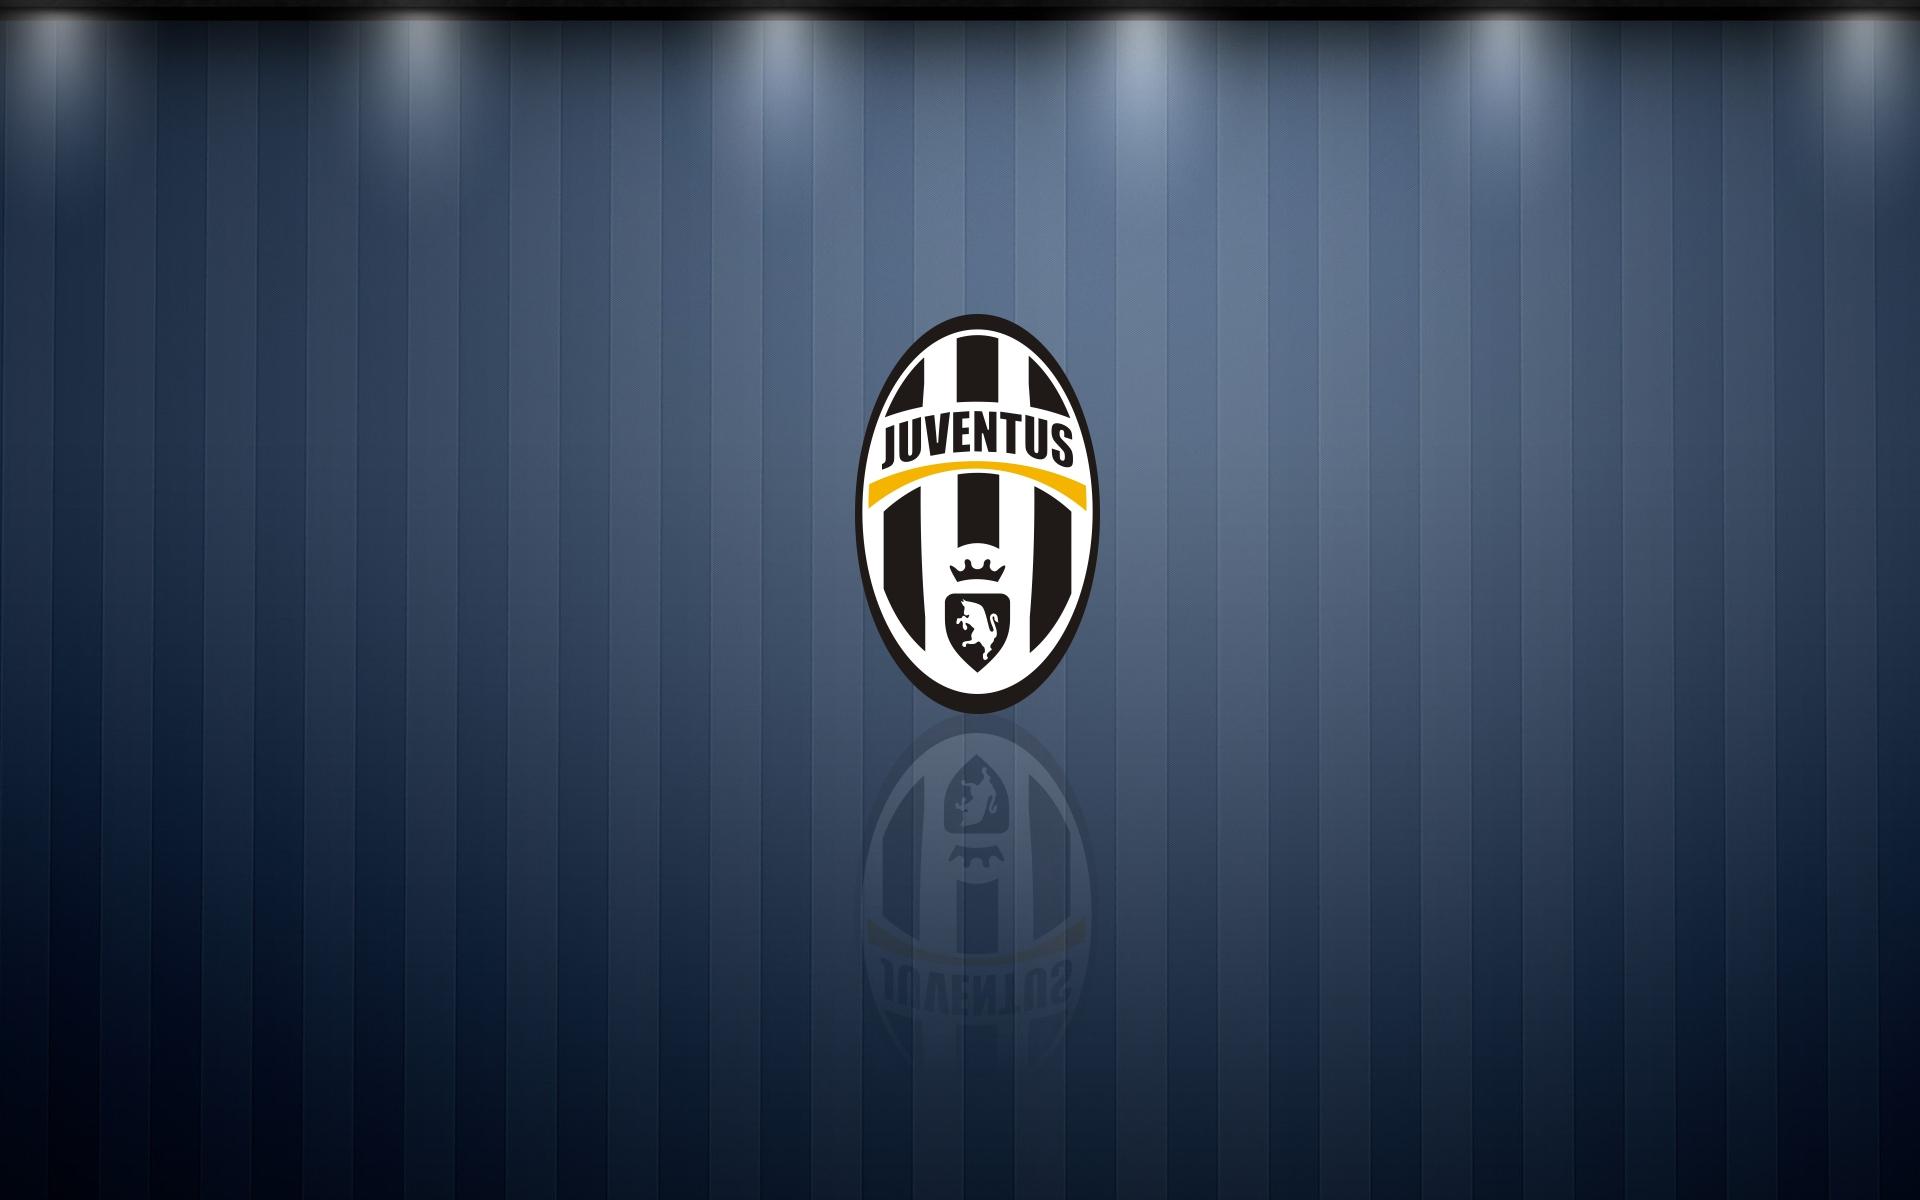 Juventus Fc: Logos Download